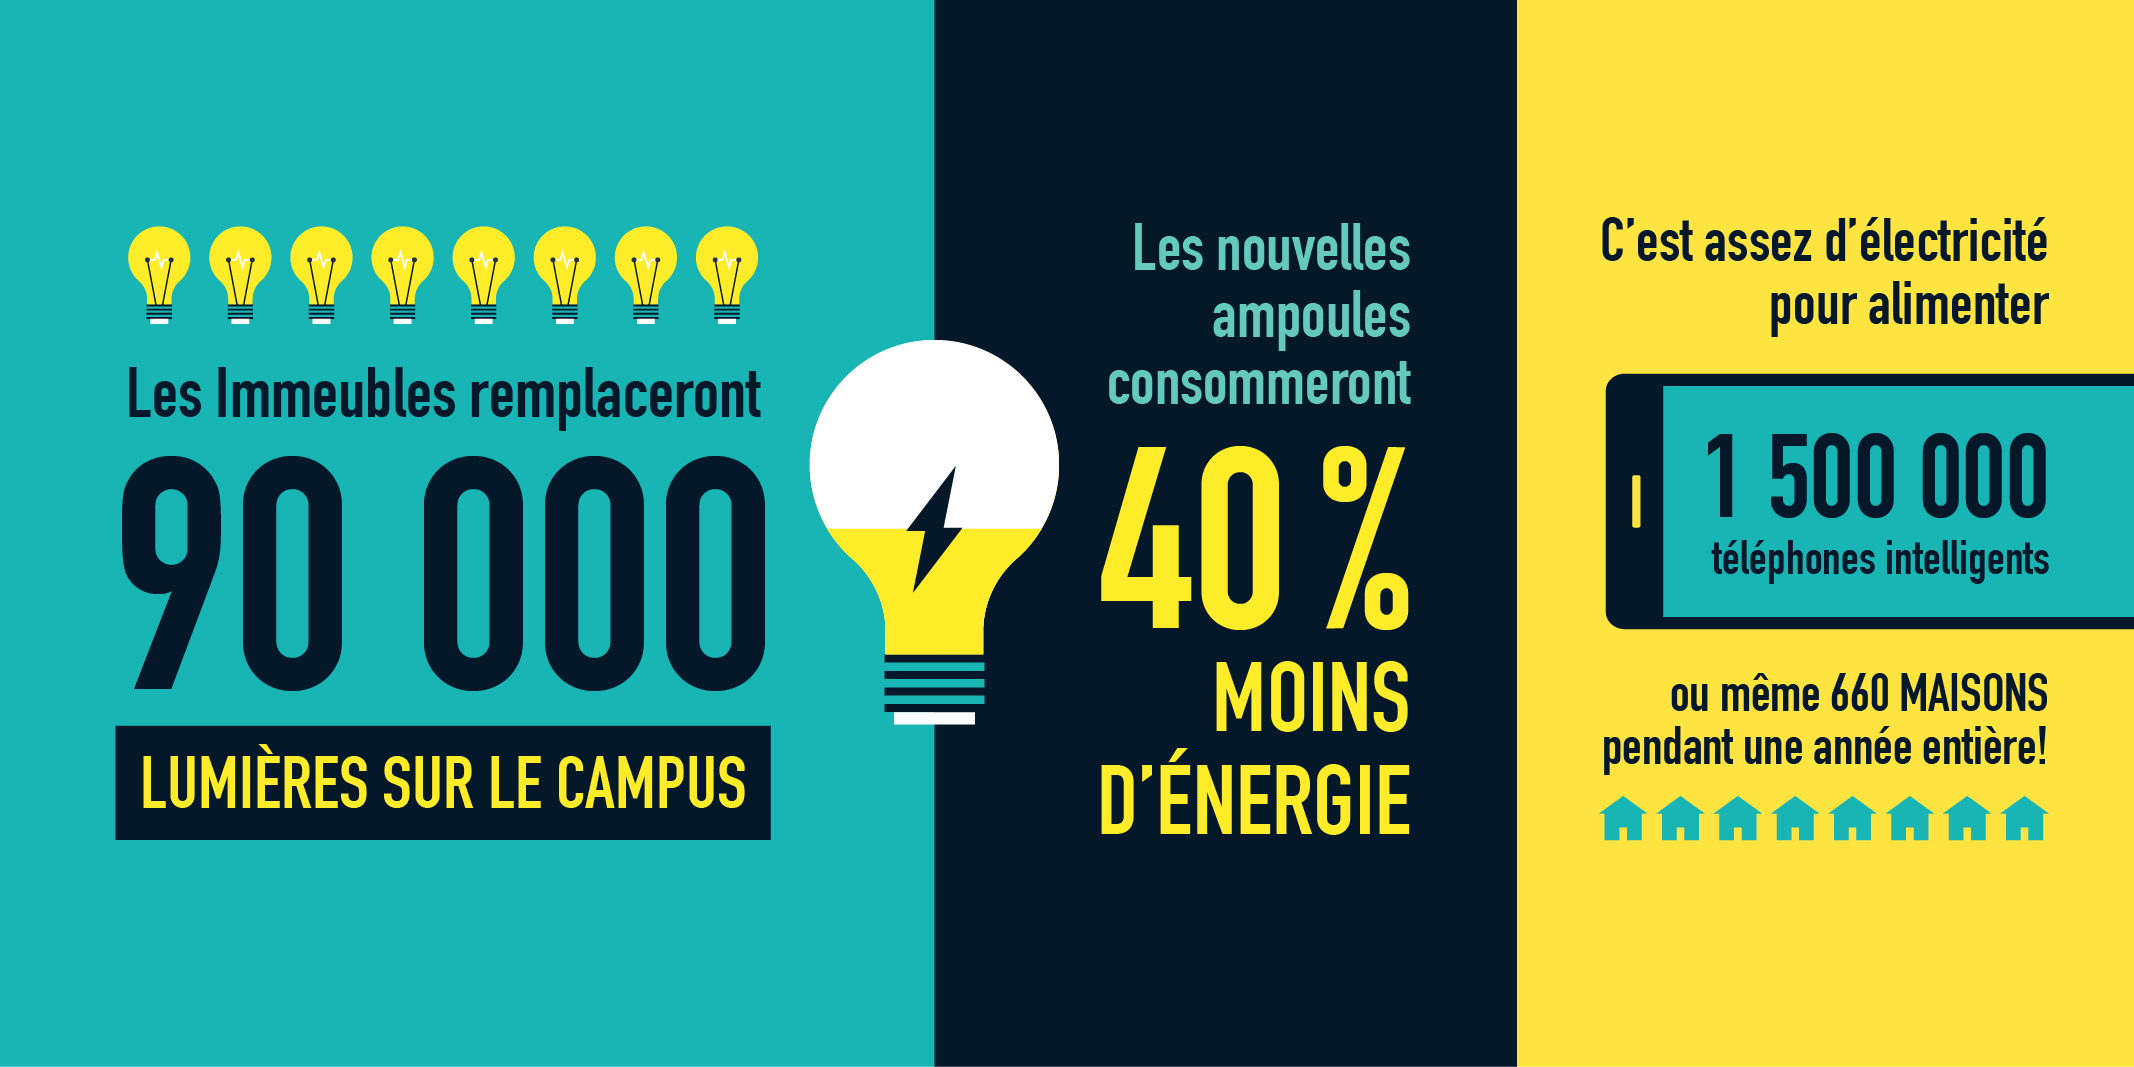 Les Immeubles remplaceront 90 000 lumières sur le campus. Les nouvelles ampoules consommeront 40% moins d'énergie. C'est assez d'électricité pour alimenter 1 500 000 téléphones intelligents ou même 660 maisons pendant une année entière!